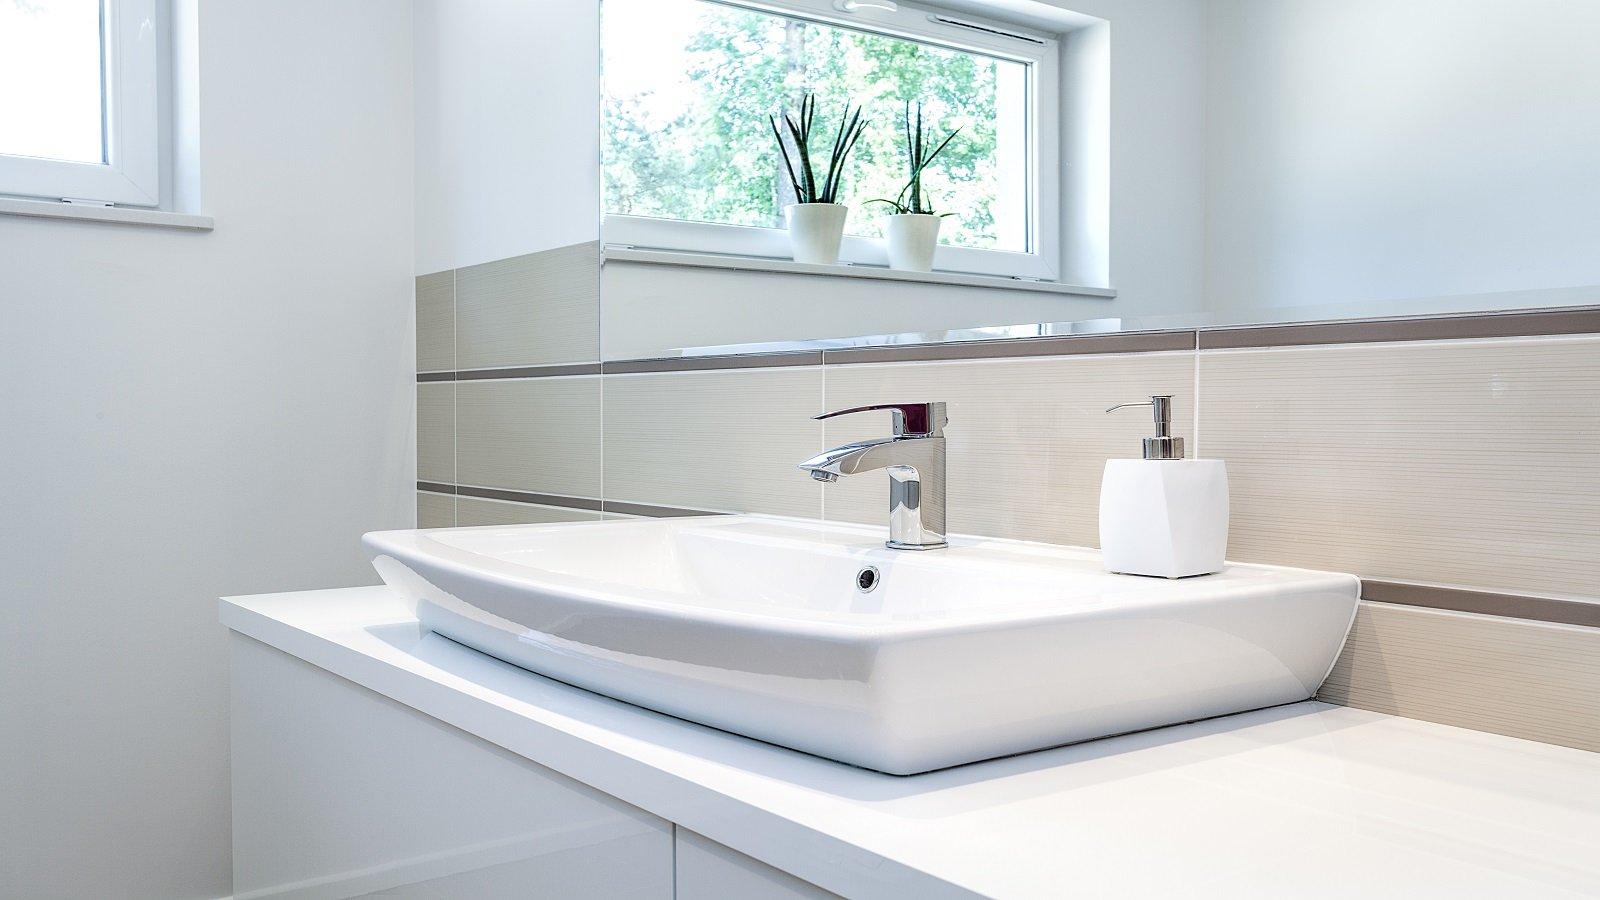 un lavabo con un rubinetto in acciaio inox